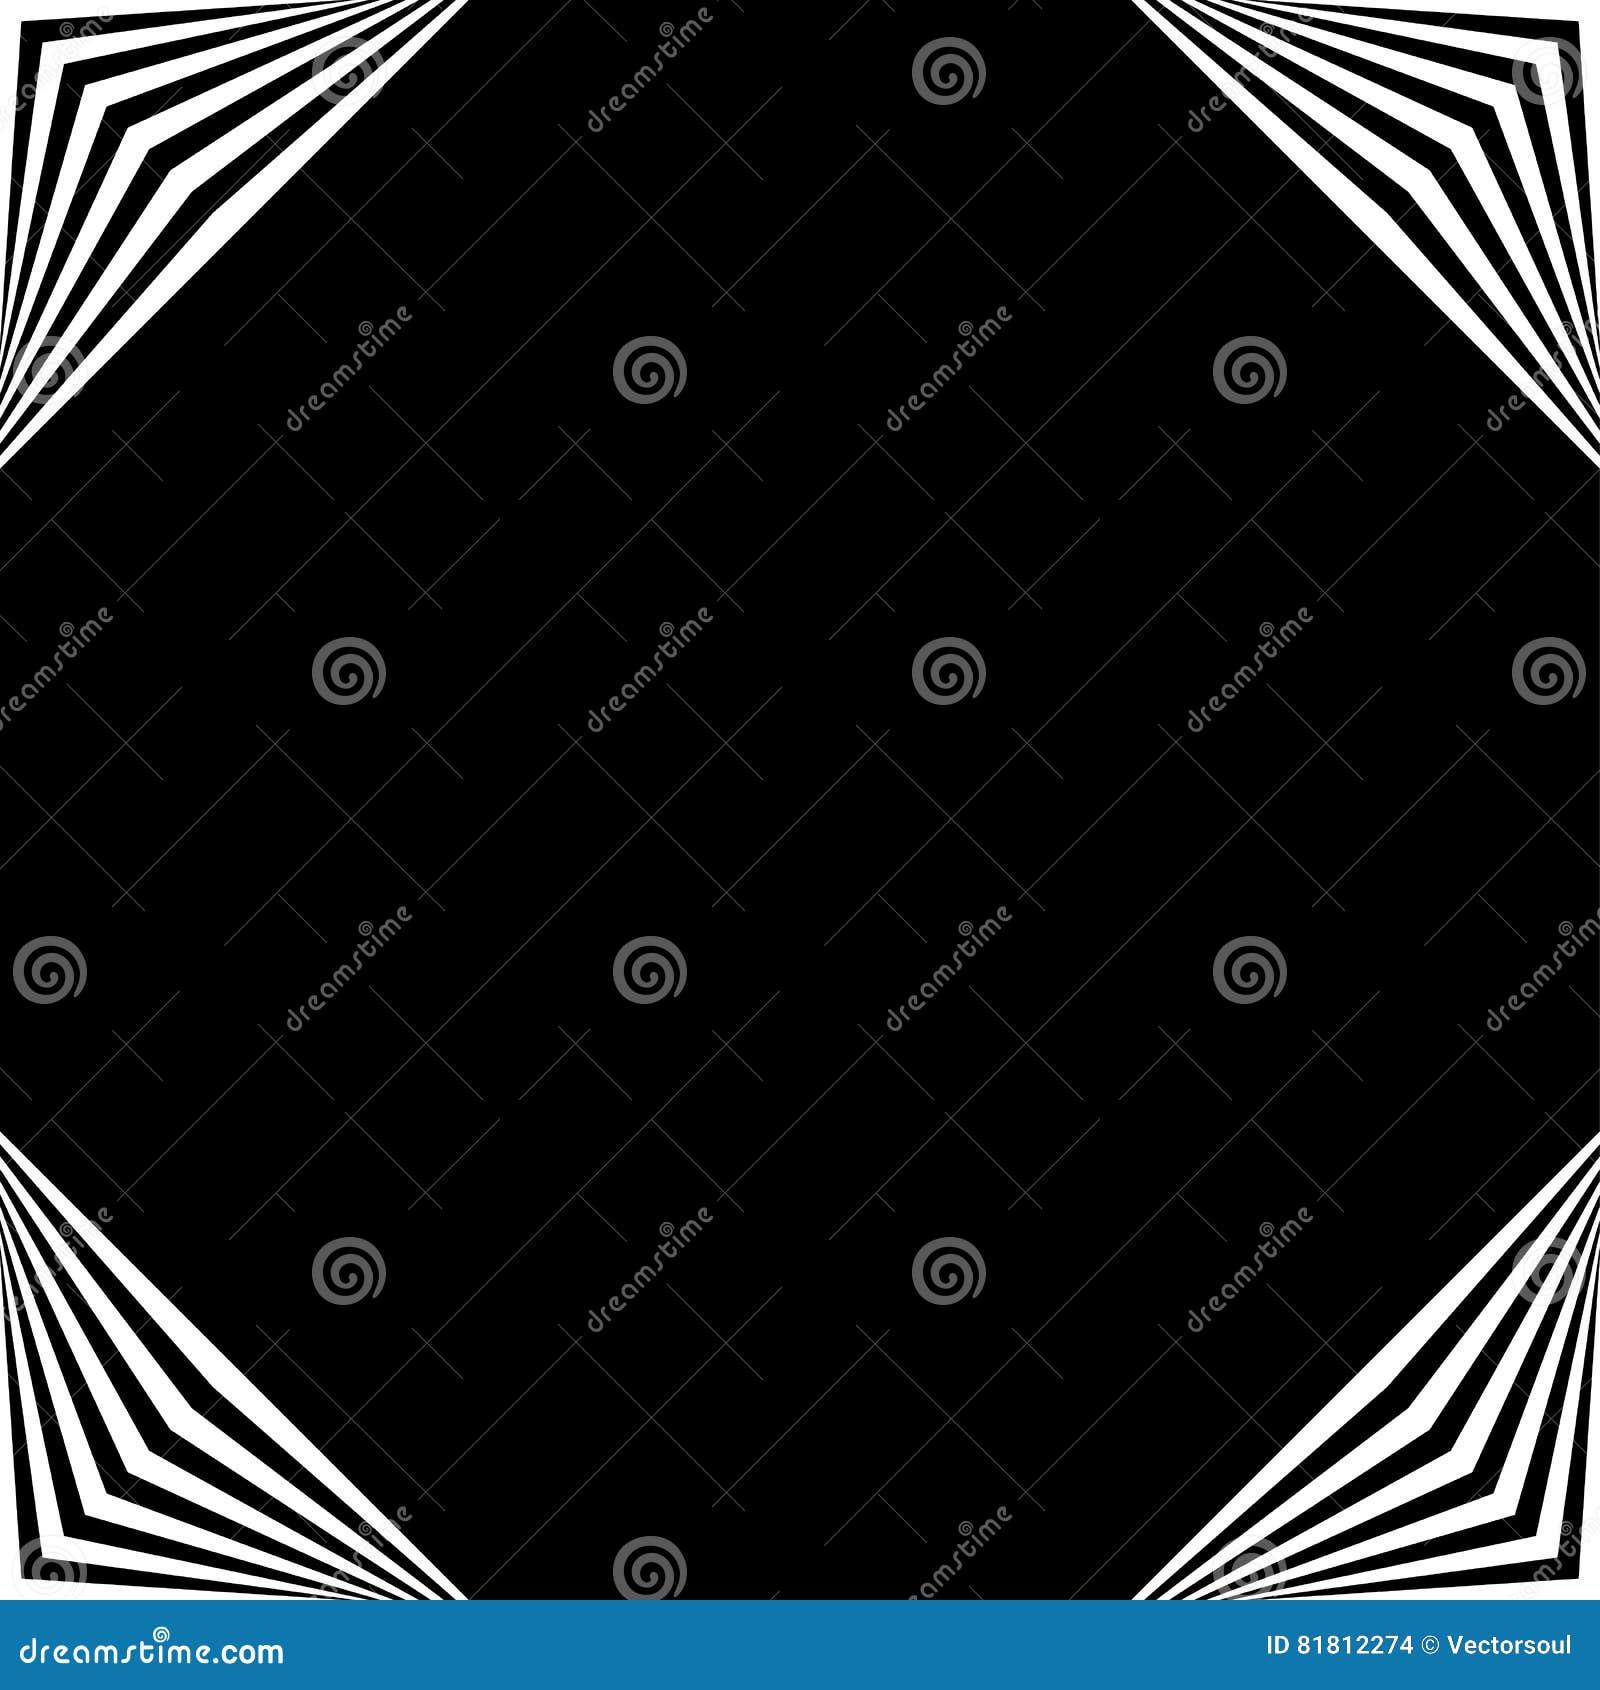 Рамка квадратного формата геометрическая, элемент границы с украшением на